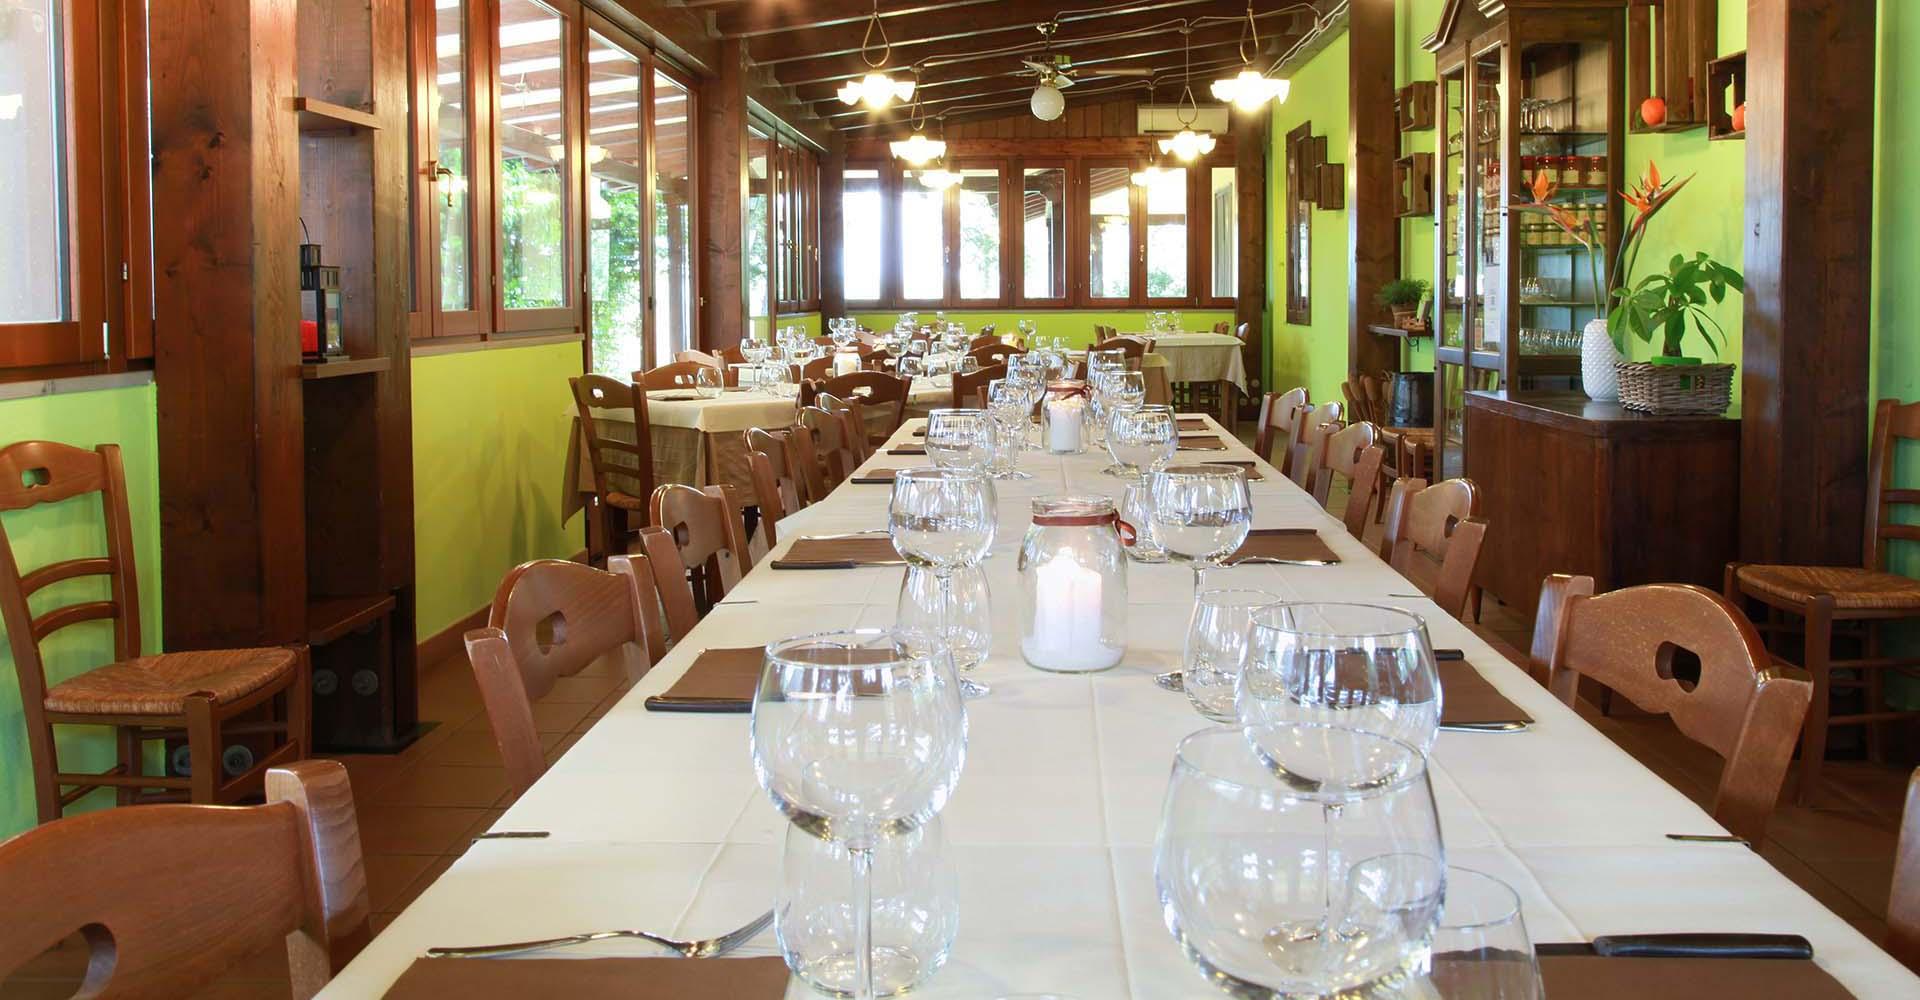 Sala ristorante tipico Il Pago Agriturismo Rotondella